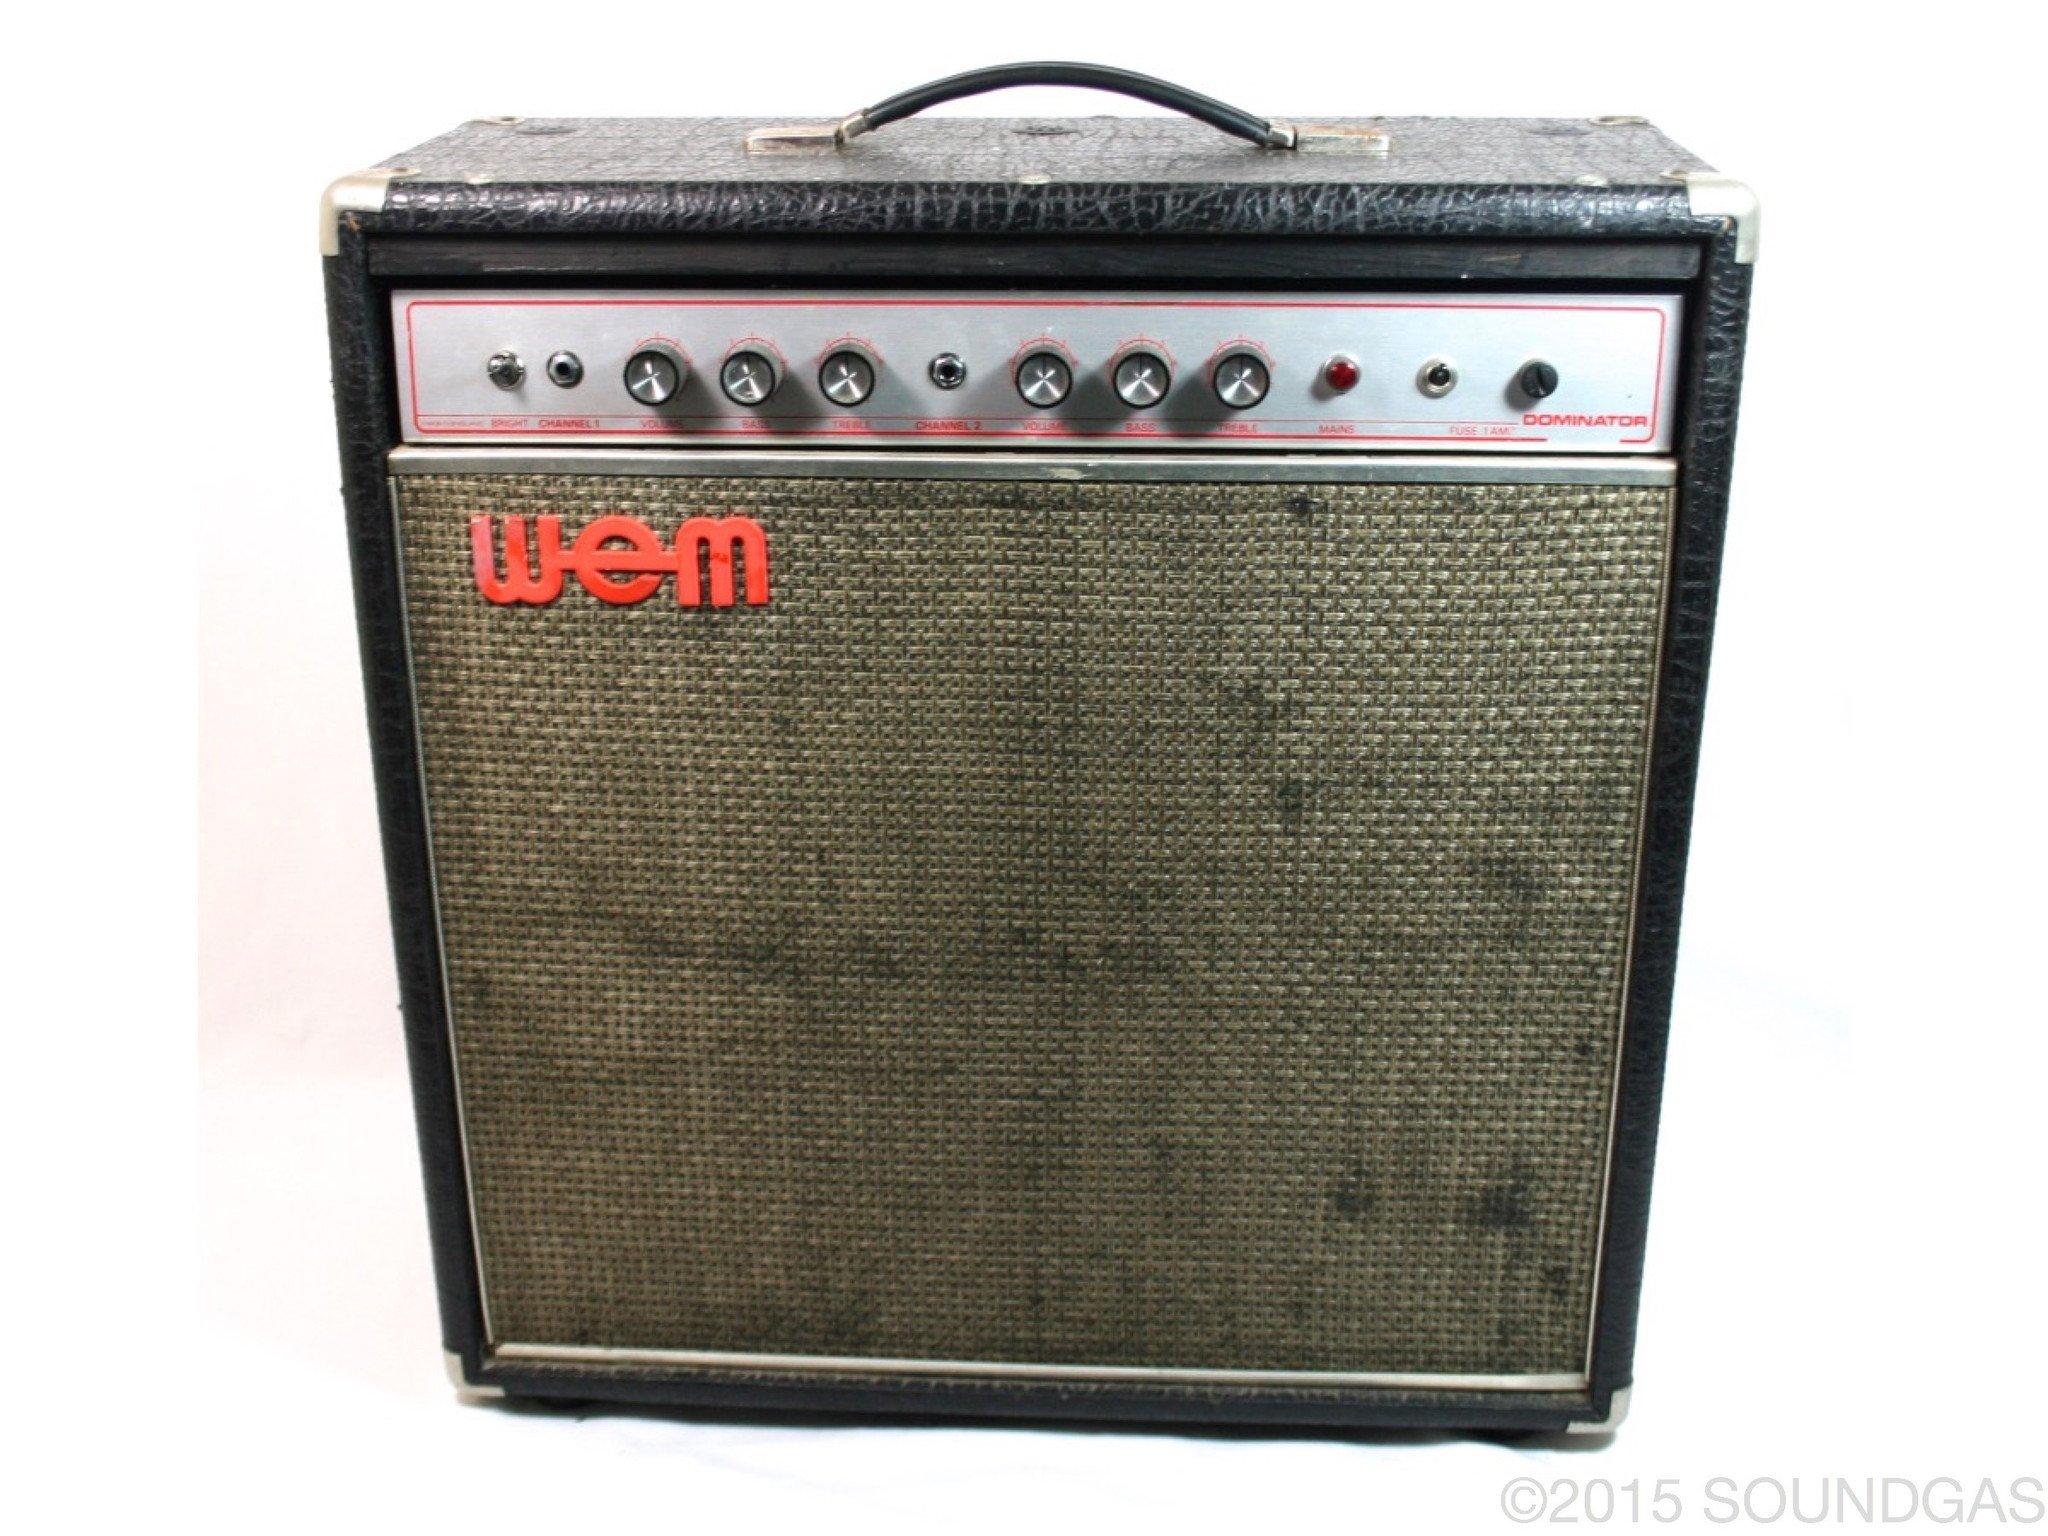 WEM-Dominator-Vintage-Valve-Tube-Amplifier-Amp-Cover-1